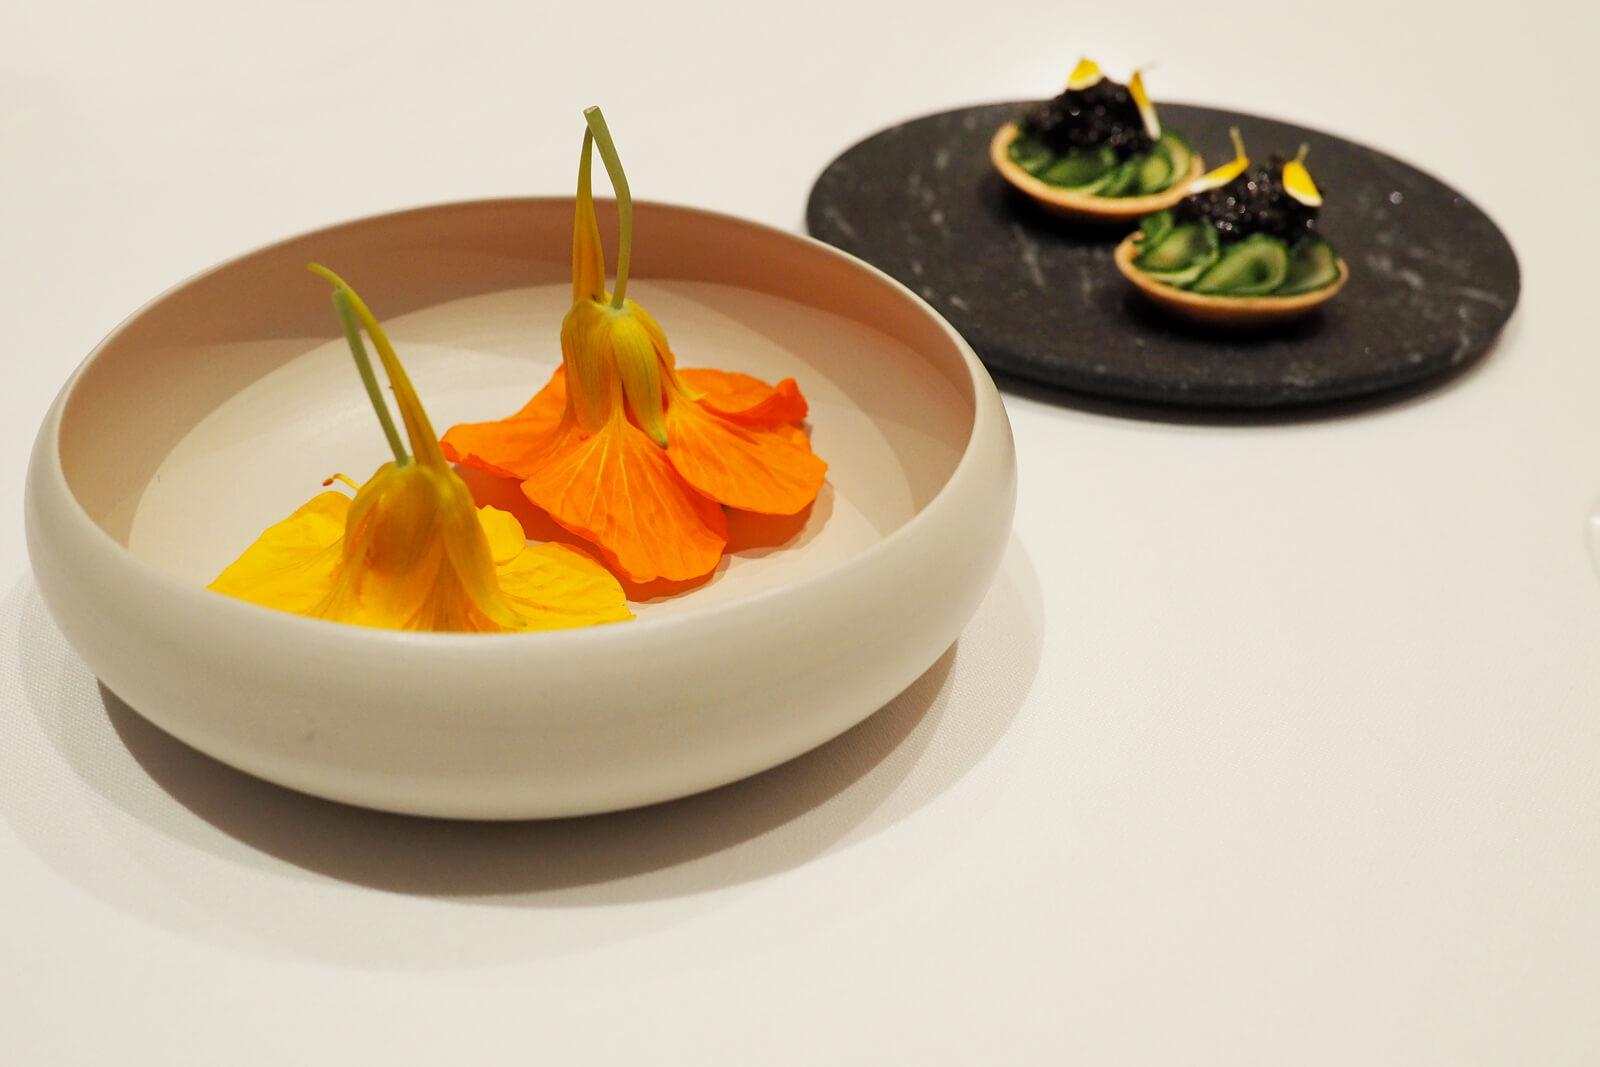 Restaurant Memories by Sven Wassmer, Bad Ragaz